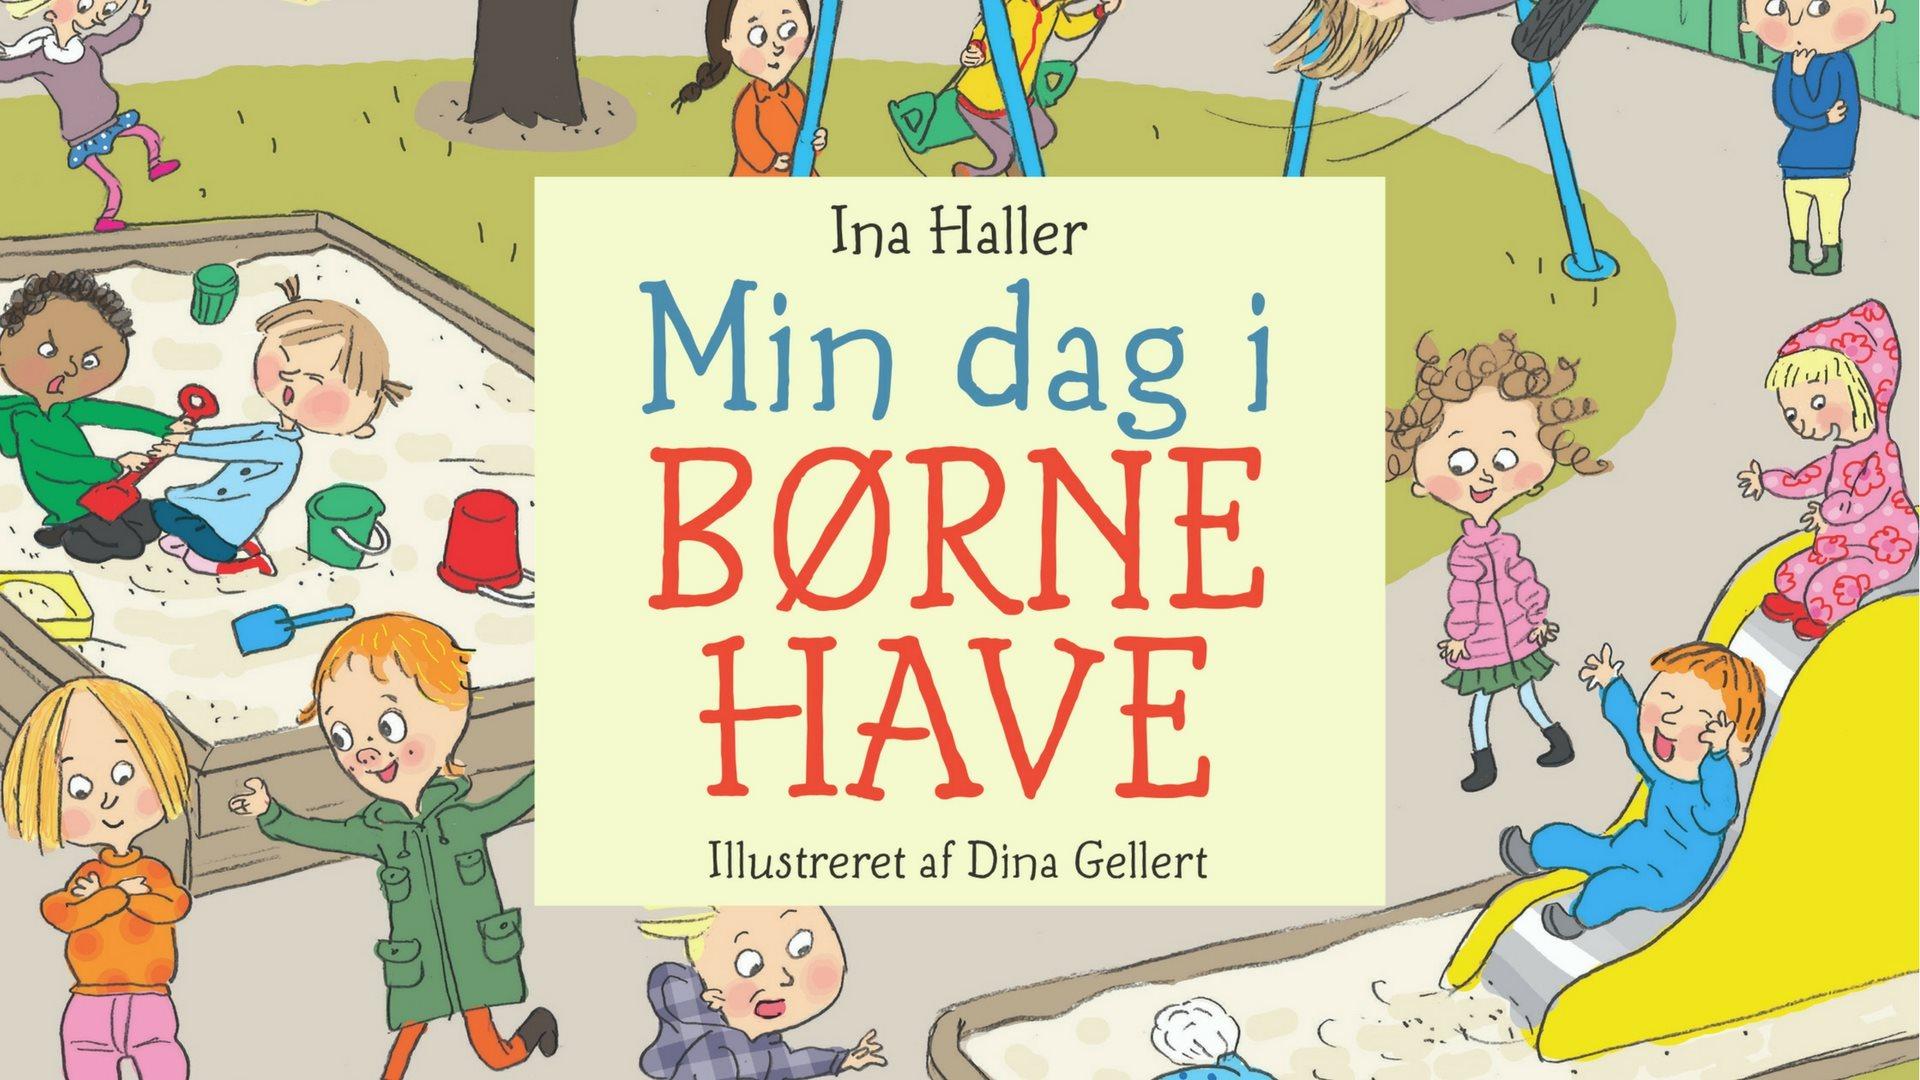 Min dag i børnehave, børnehave, Ina Victoria Schou Haller